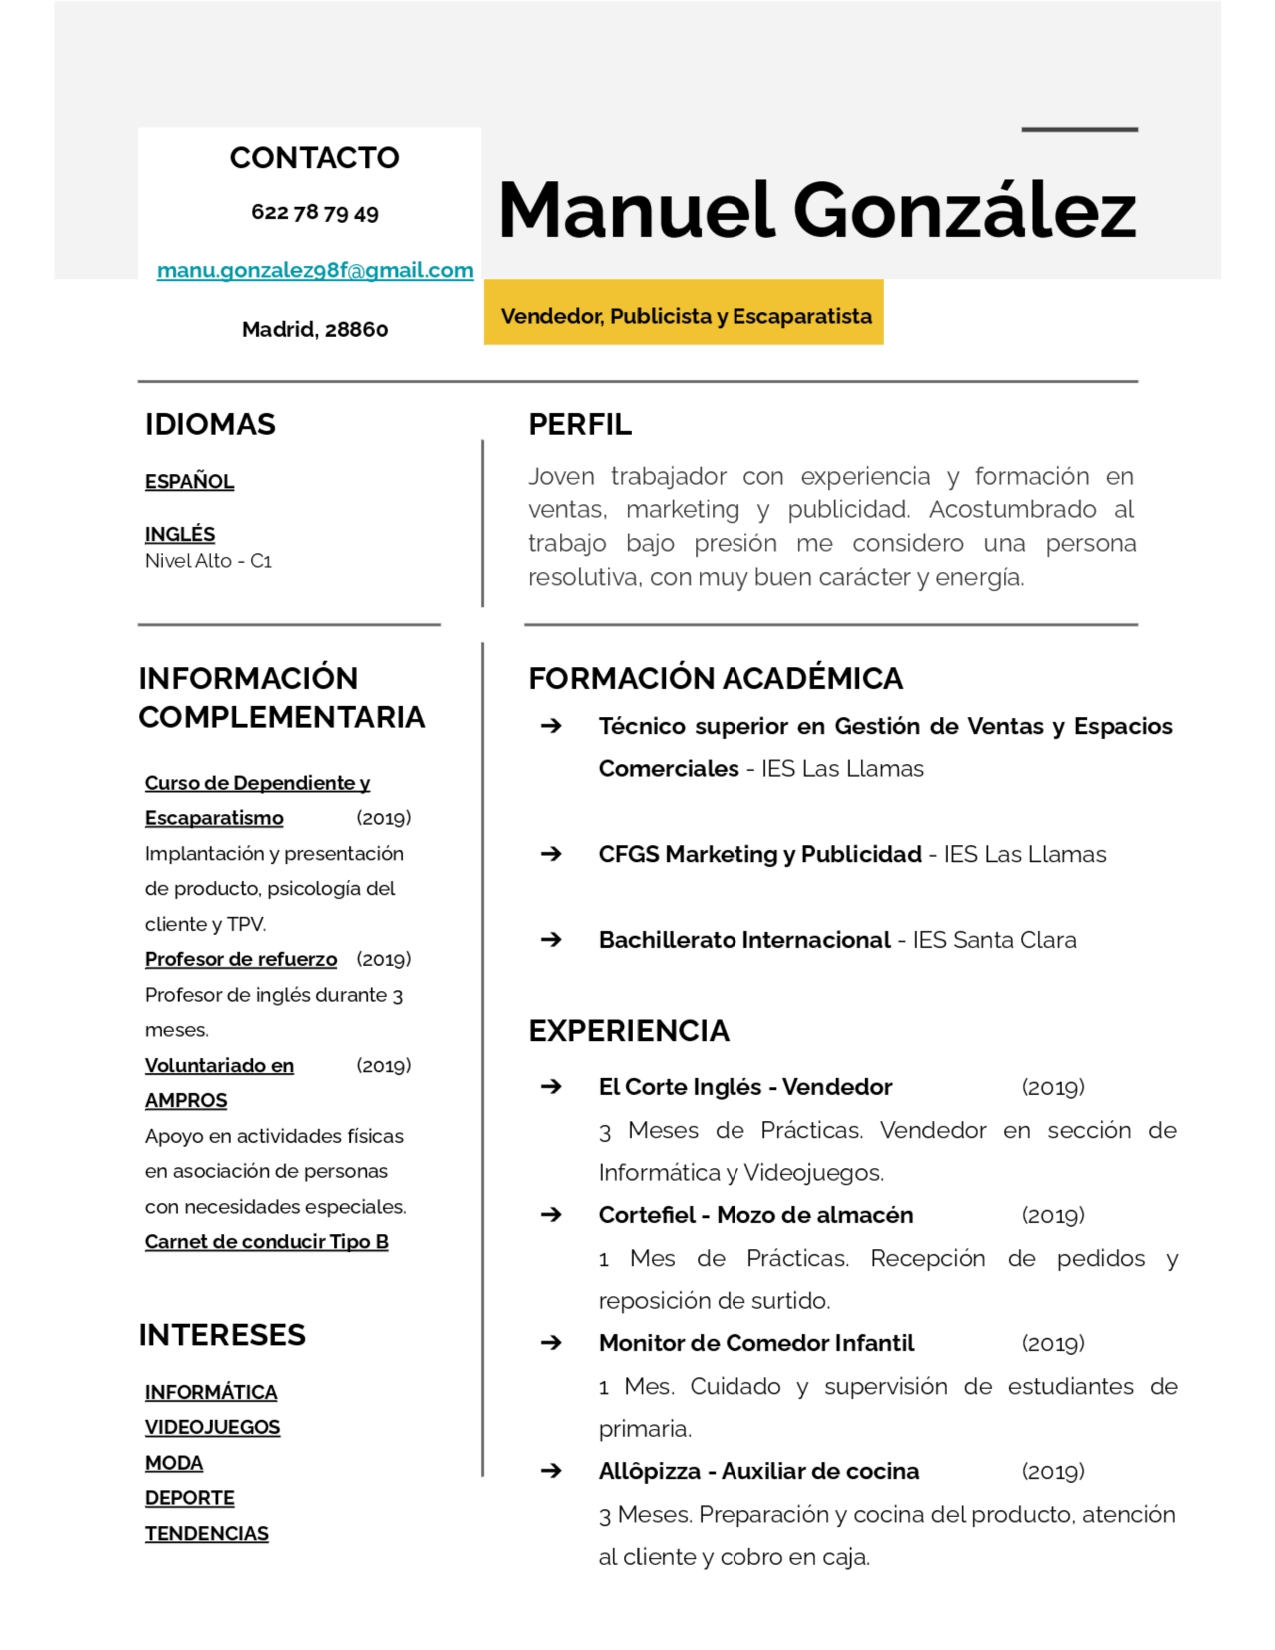 CONTACTO  622787949  manu. gonzalezg8f@gmail.com  Manuel Gonzalez  Vendedor, Publicista y Escaparatista        Madrid, 28860 IDIOMAS PERFIL ESPANOL Joven trabajador con experiencia y formacion en ventas, marketing y publicidad. Acostumbrado al INGLES trabajo bajo presion me considero una persona Nivel Alto - C1 resolutiva, con muy buen caracter y energia INFORMACION FORMACION ACADEMICA COMPLEMENTARIA = Técnico superior en Gestion de Ventas y Espacios | Comerciales - [ES Las Llamas Curso de Dependiente y Escaparatismo (2019) Implantacion y presentacion => CFGS Marketing y Publicidad - IES Las [Llamas de producto. psicologia del liente y TPV. crentey = Bachillerato Internacional - IES Santa Clara Profesor de refuerzo (2019) Profesor de inglés durante 3 meses EXPERIENCIA Yoluntariado en (2019) AMPROS =  ElCorte Inglés - Vendedor (2019) Apoyo en actividades fisicas 3 Meses de Practicas. Vendedor en seccion de en asociacion de personas Informatica y Videojuegos. con necesidades especiales = Cortefiel - Mozo de almacén (2019) Carnet de conducir Tipo B 1 Mes de Practicas. Recepcion de pedidos y reposicion de surtido INTERESES > Monitor de Comedor Infantil (2019) INFORMATICA 1 Mes. Cuidado y supervision de estudiantes de VIDEOJUEGOS primaria MoDA = Allopizza - Auxiliar de cocina (2019) DEPORTE 3 Meses. Preparacion y cocina del producto. atencion TENDENCIAS  al cliente y cobro en caja